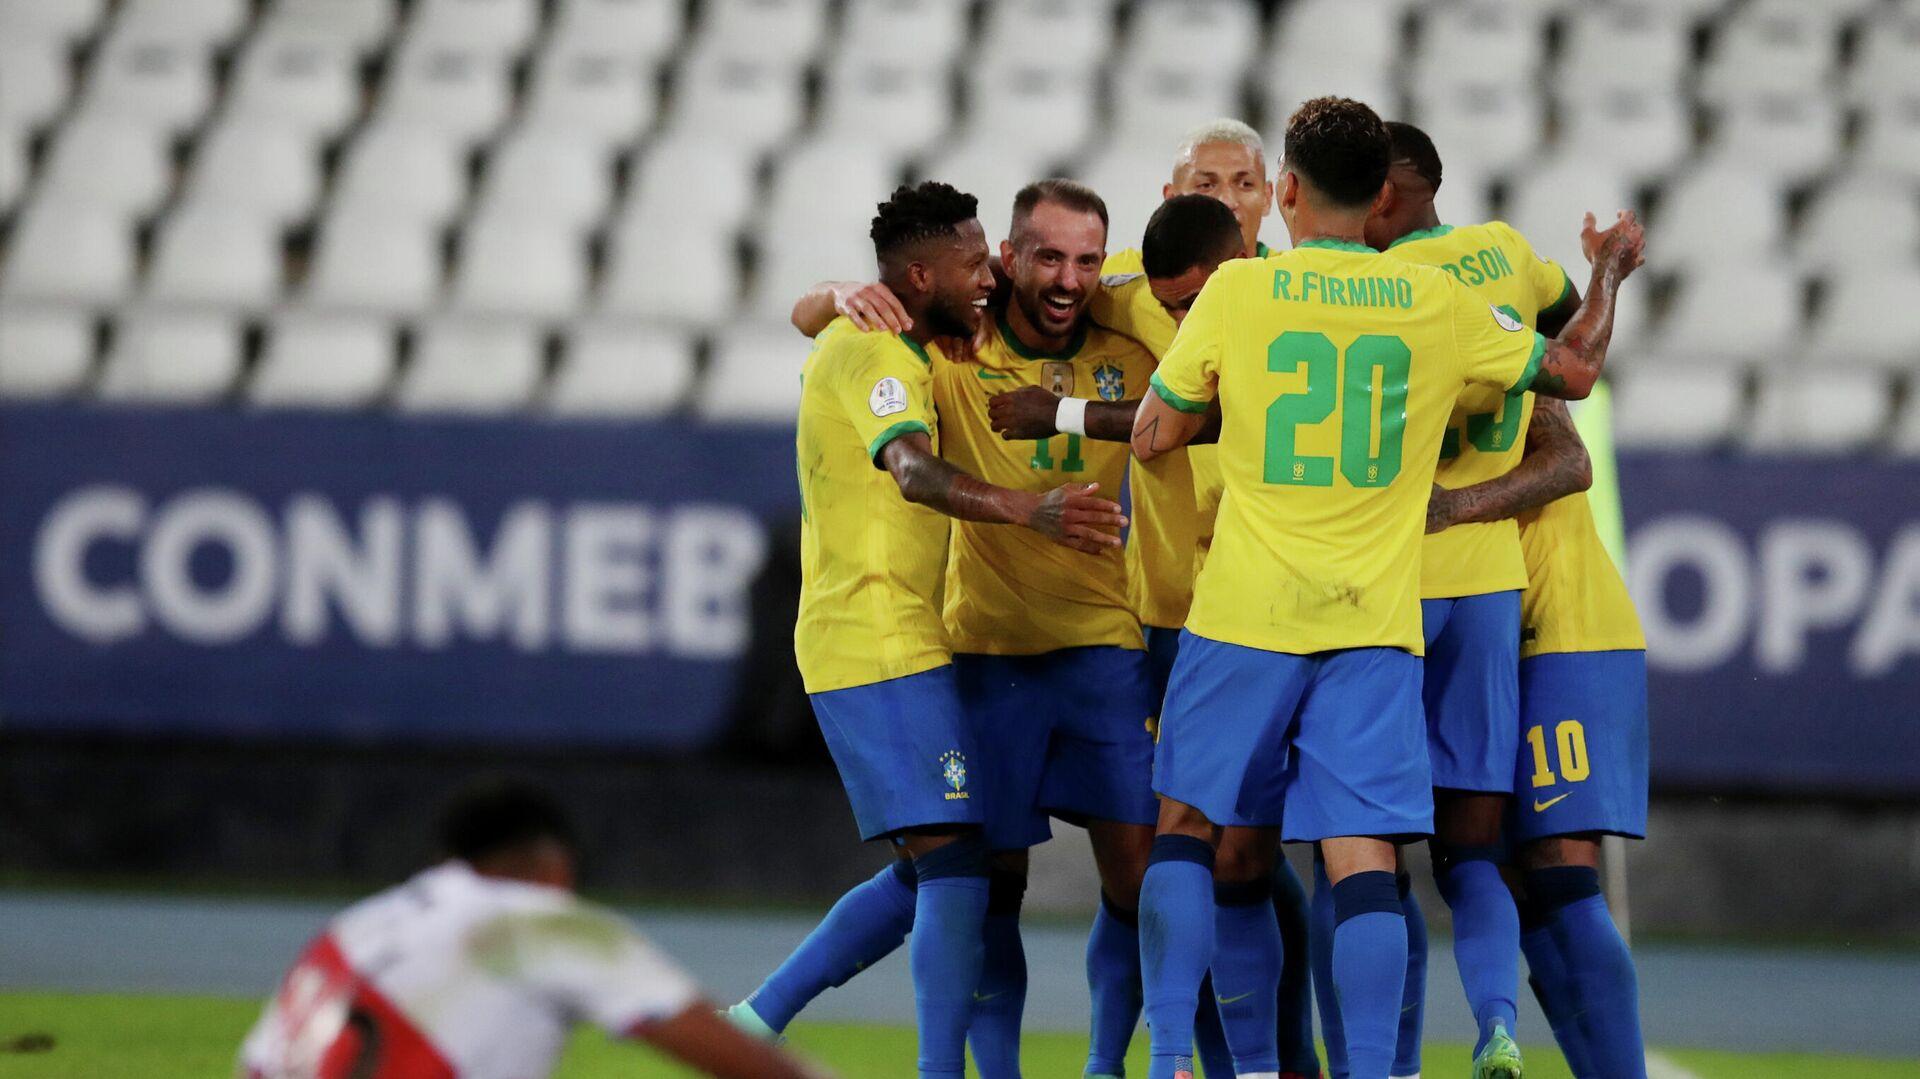 La selección de Brasil celebra su victoria ante Perú durante la Copa América 2021 en Río de Janeiro (Brasil), el 17 de junio del 2021 - Sputnik Mundo, 1920, 18.06.2021